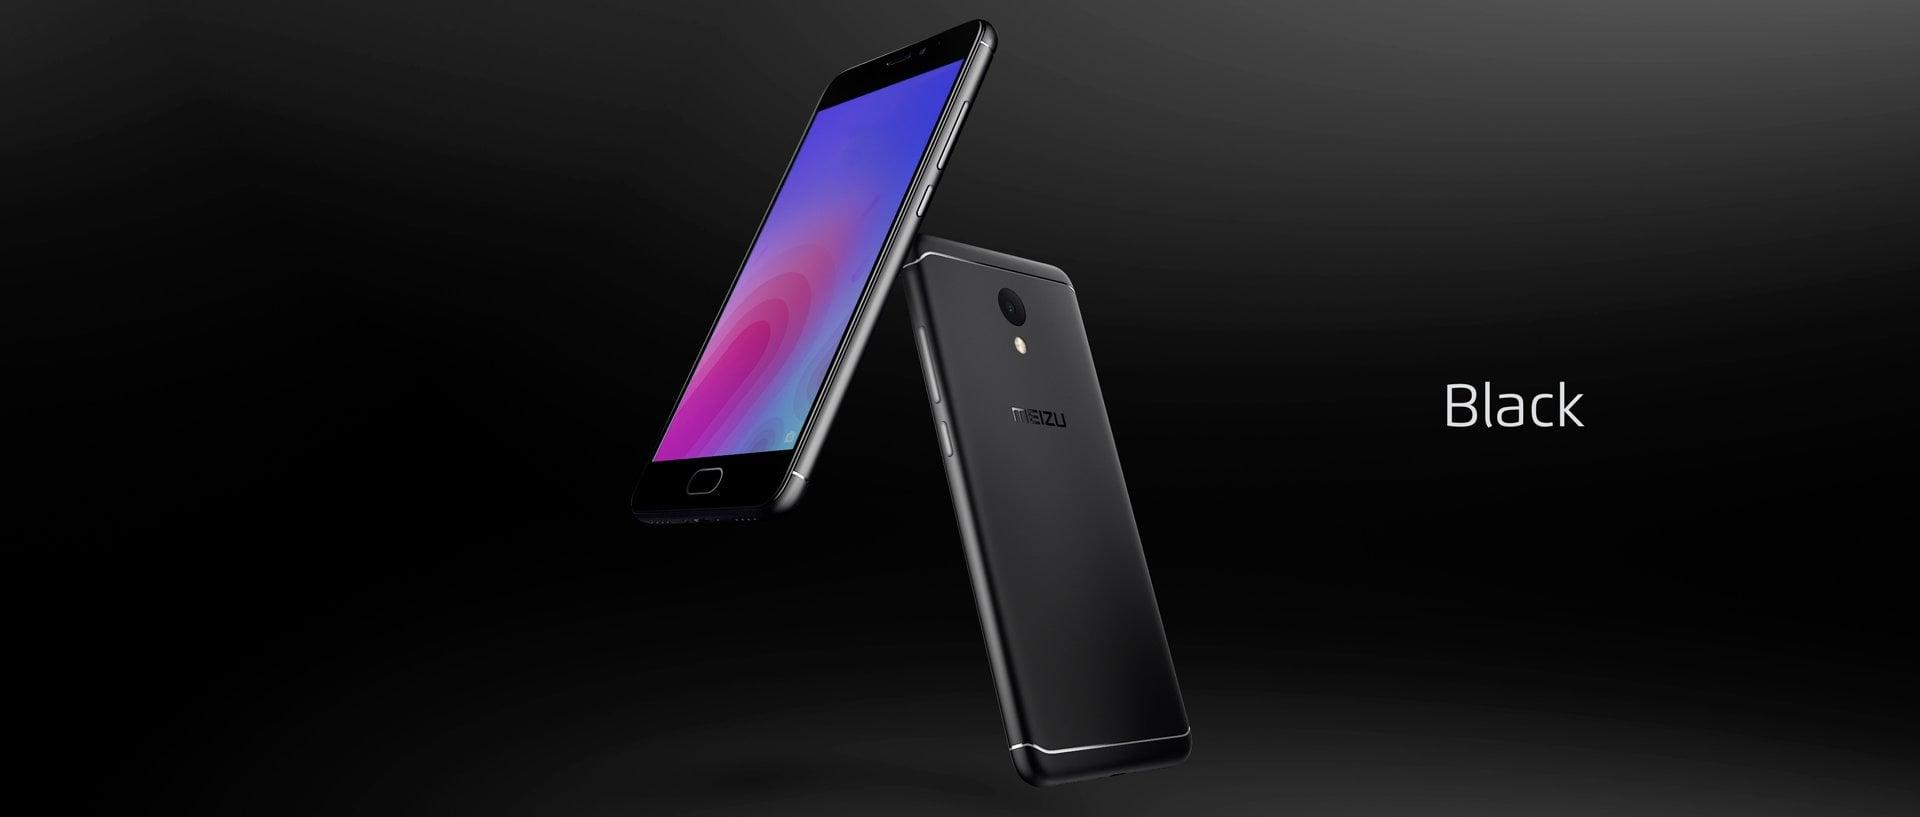 Tabletowo.pl Dobra promocja na Meizu M6: smartfon w niższej cenie, a do tego głośnik Bluetooth gratis Android Meizu Promocje Smartfony